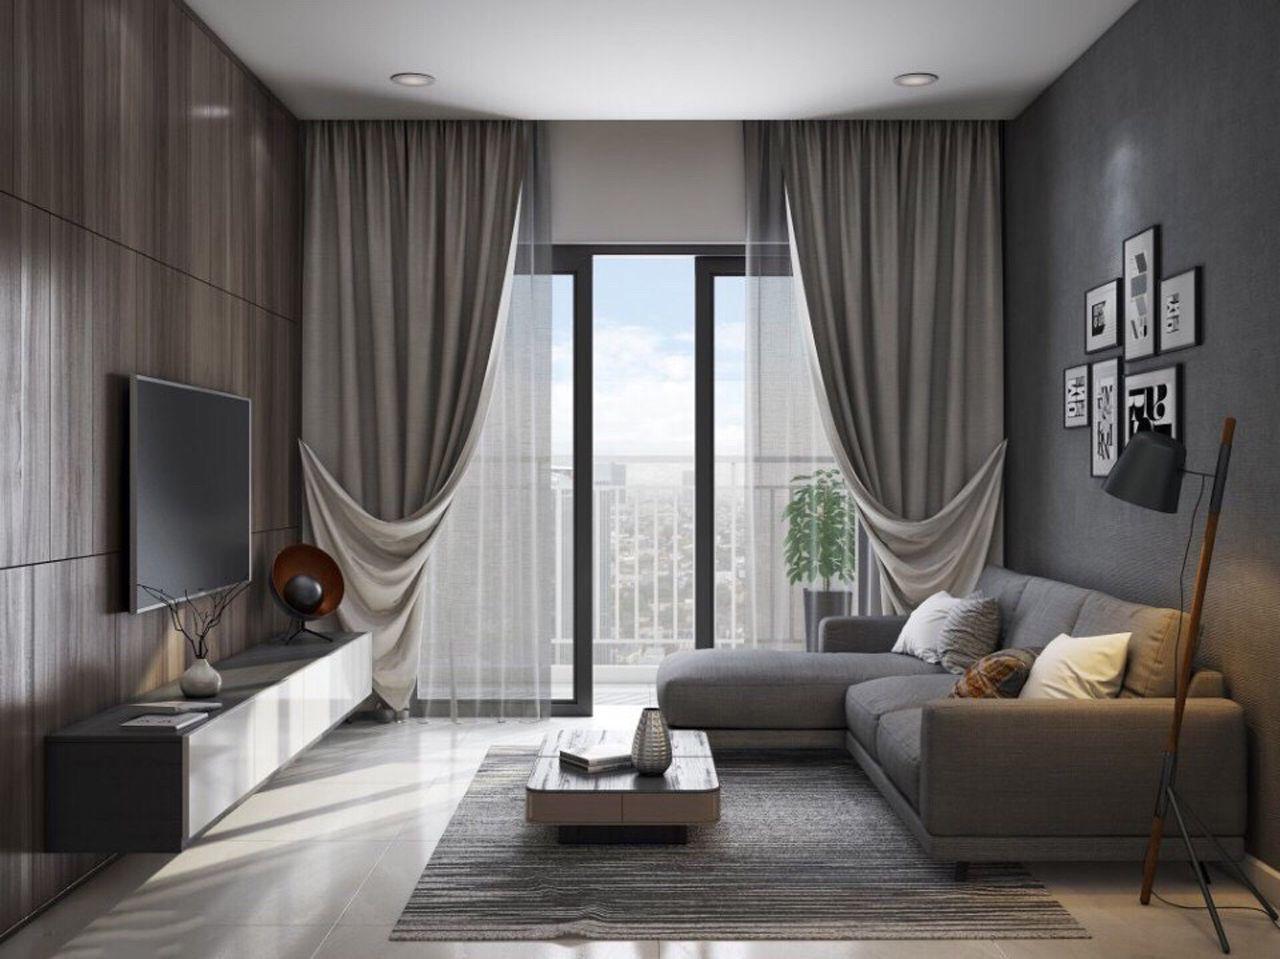 Thiết kế nội thất phong cách hiện đại - phòng khách 005